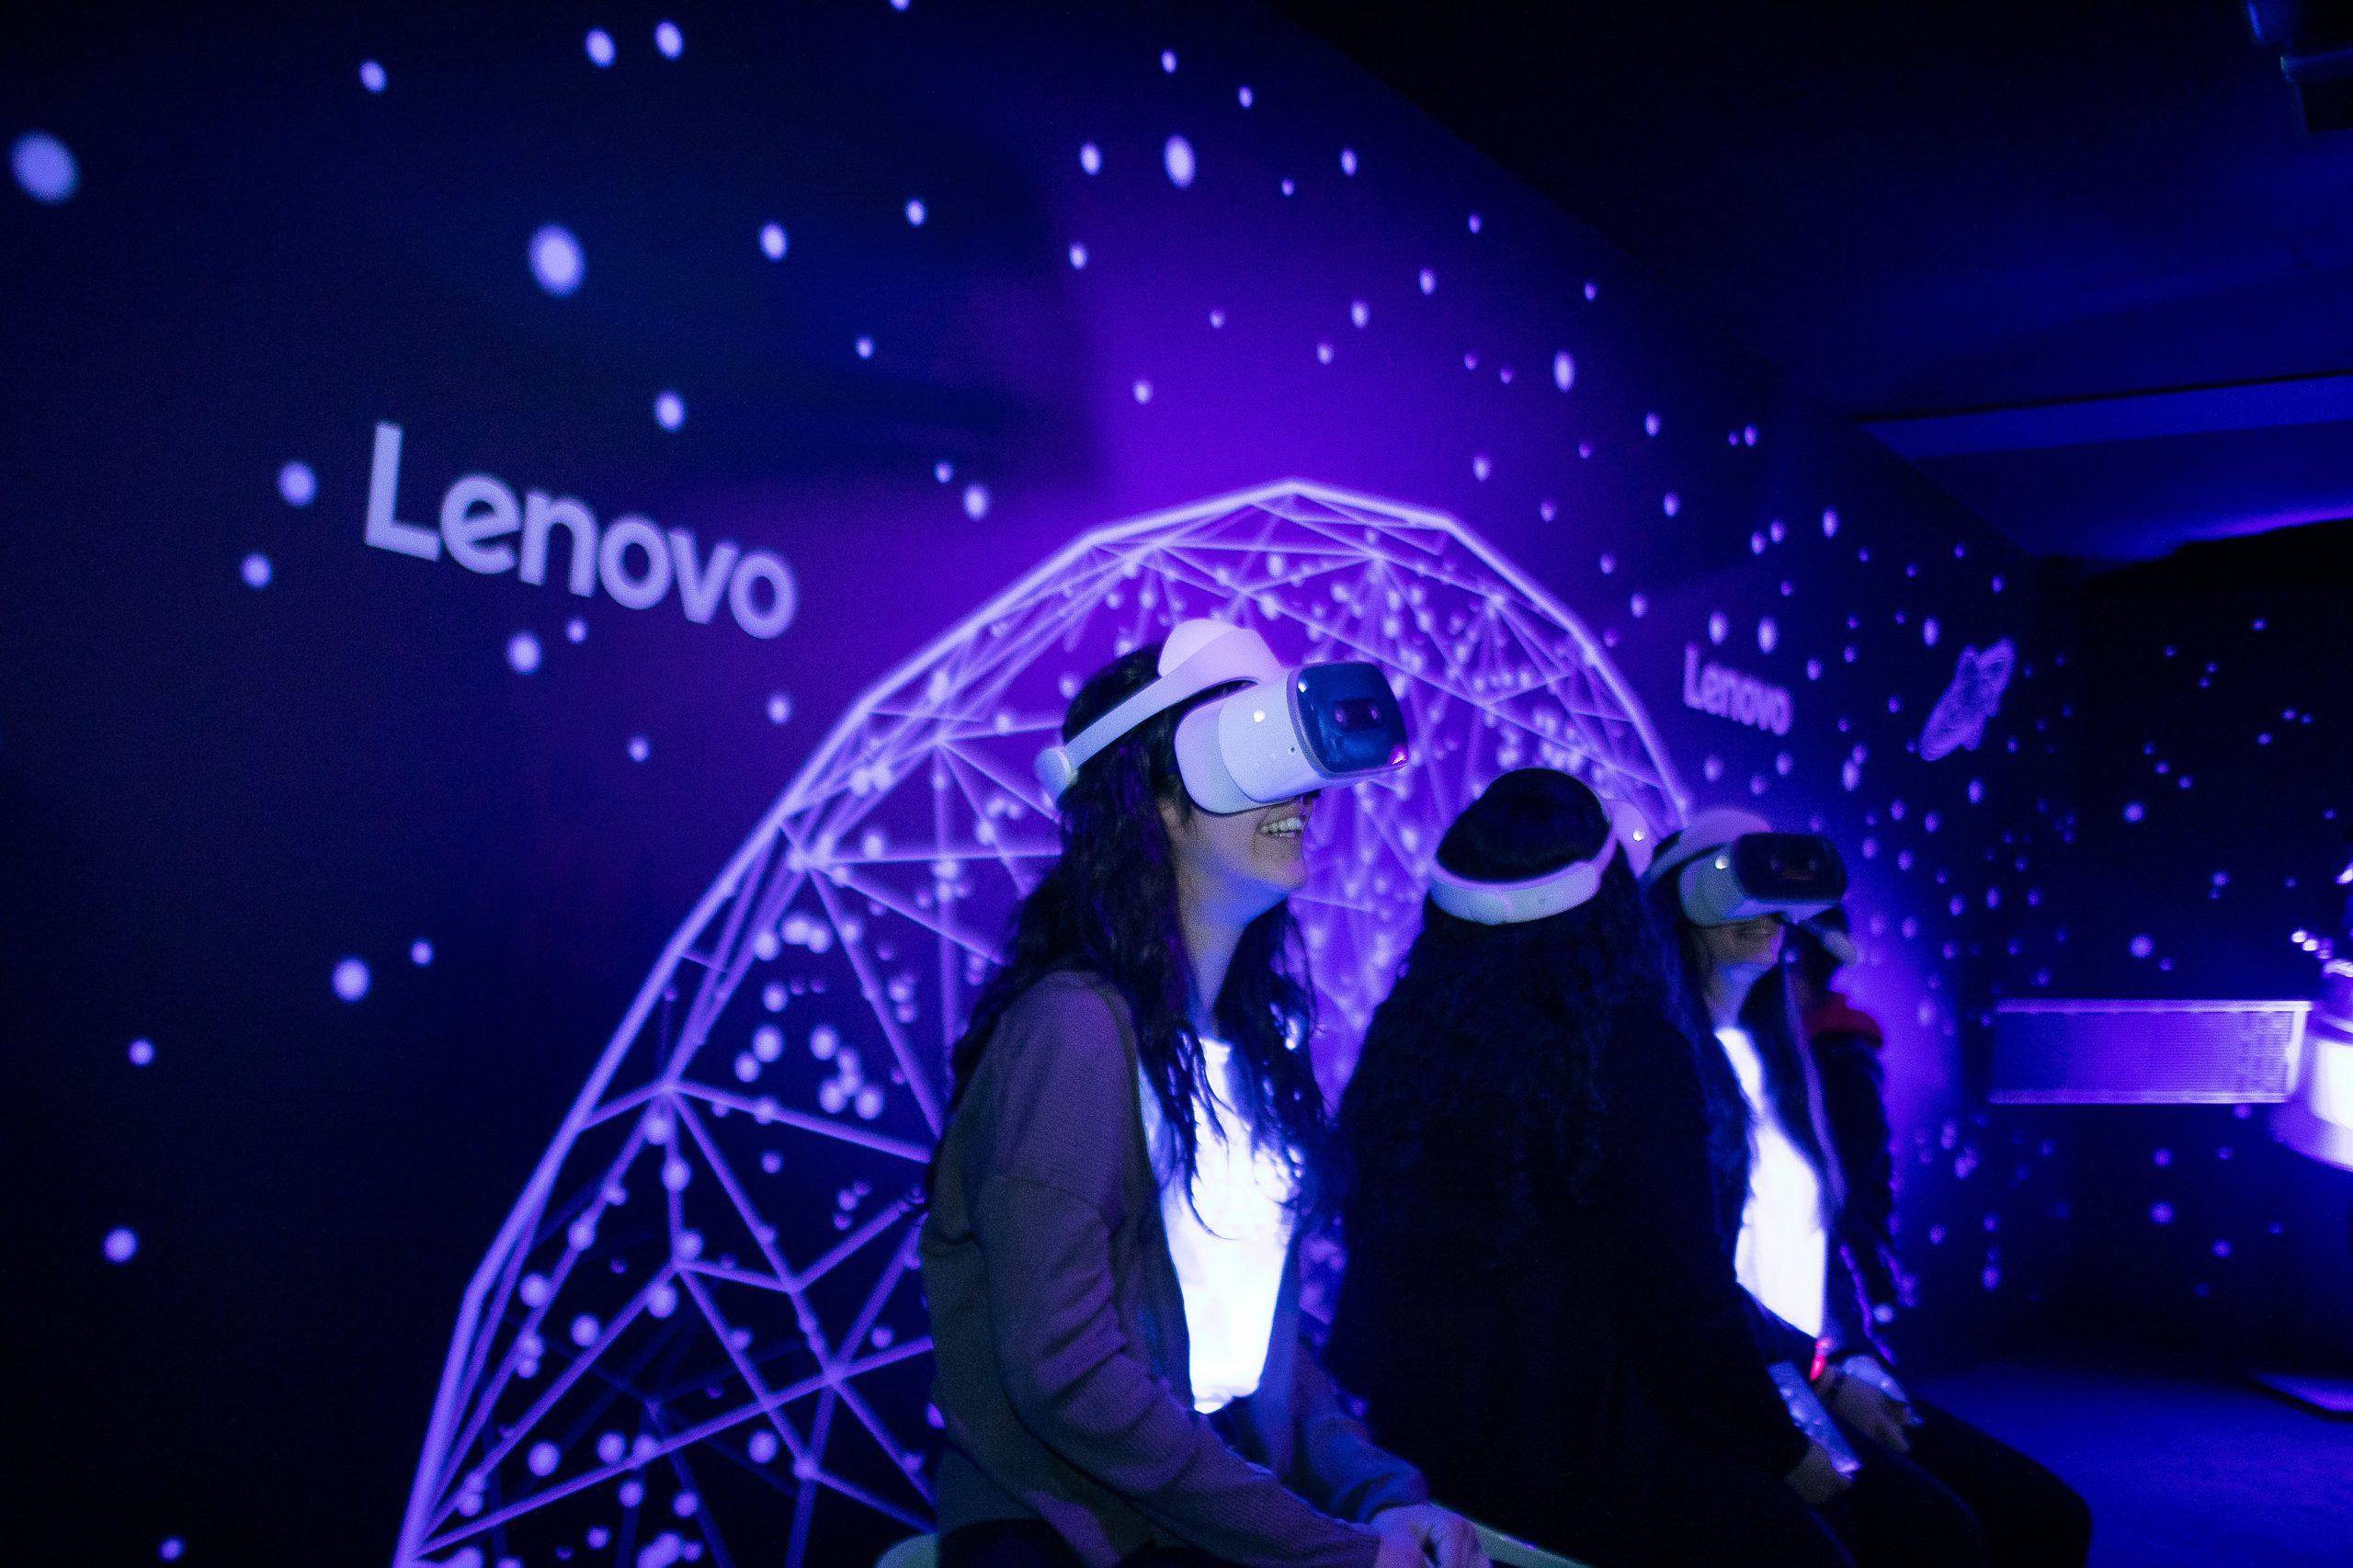 #DaLeonardoAlloSpazio: la mostra in collaborazione con Lenovo e l'Aeronautica Militare celebra il genio di Leonardo thumbnail